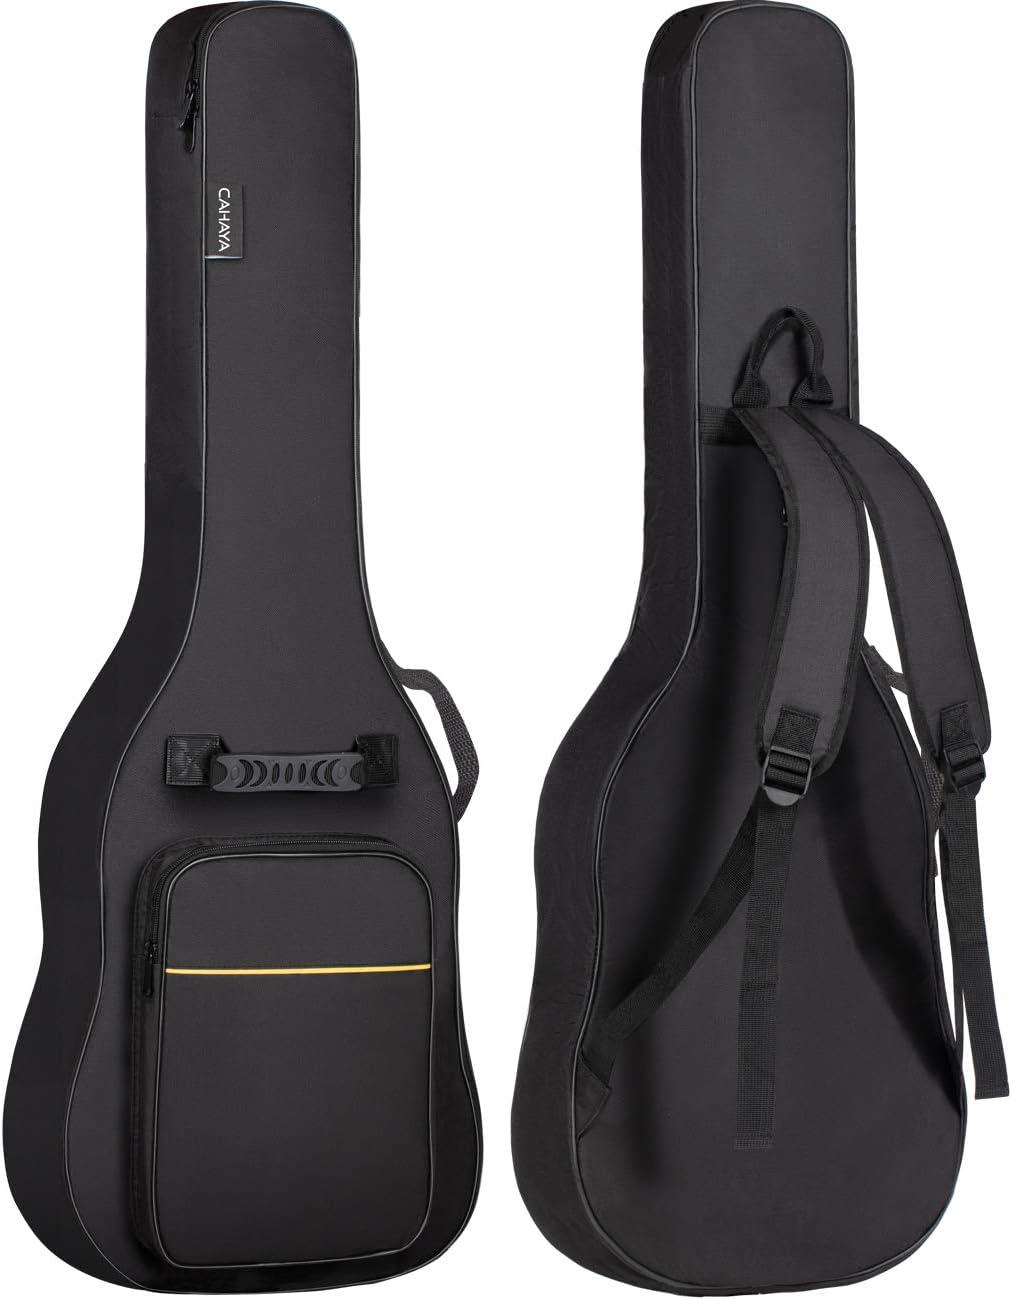 CAHAYA Bolsa Guitarra Electrica Acolchada de 6mm para Guitarra Electrica con Un Bolsillo Frontal para Libros de Música